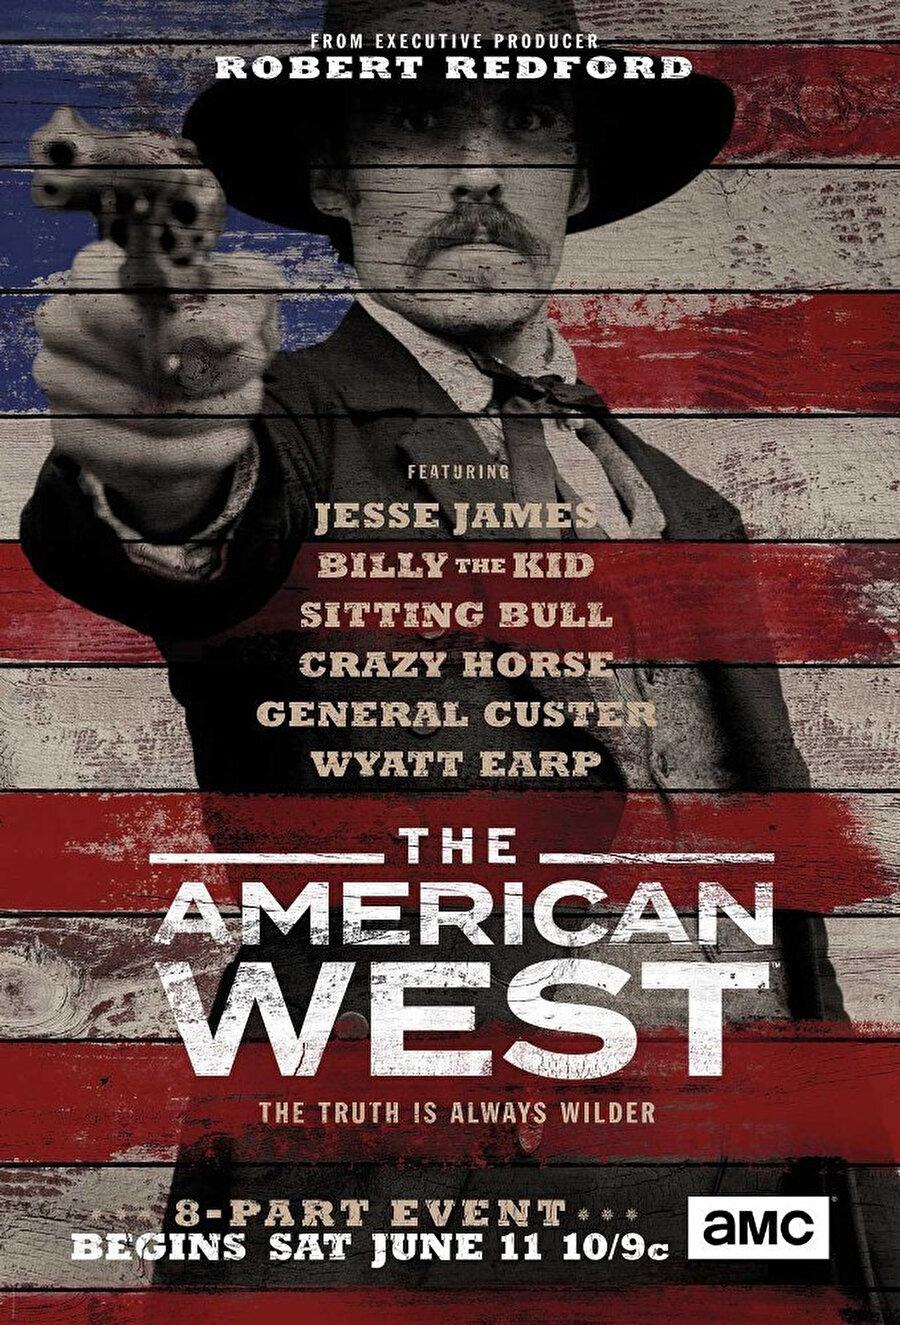 The American West üstüne yazılmış Türkçe değerlendirme yazısı bulmak (buna dizi ve film gündeminin fazlasıyla yer bulduğu Ekşi Sözlük de dâhil) imkânsıza yakın.